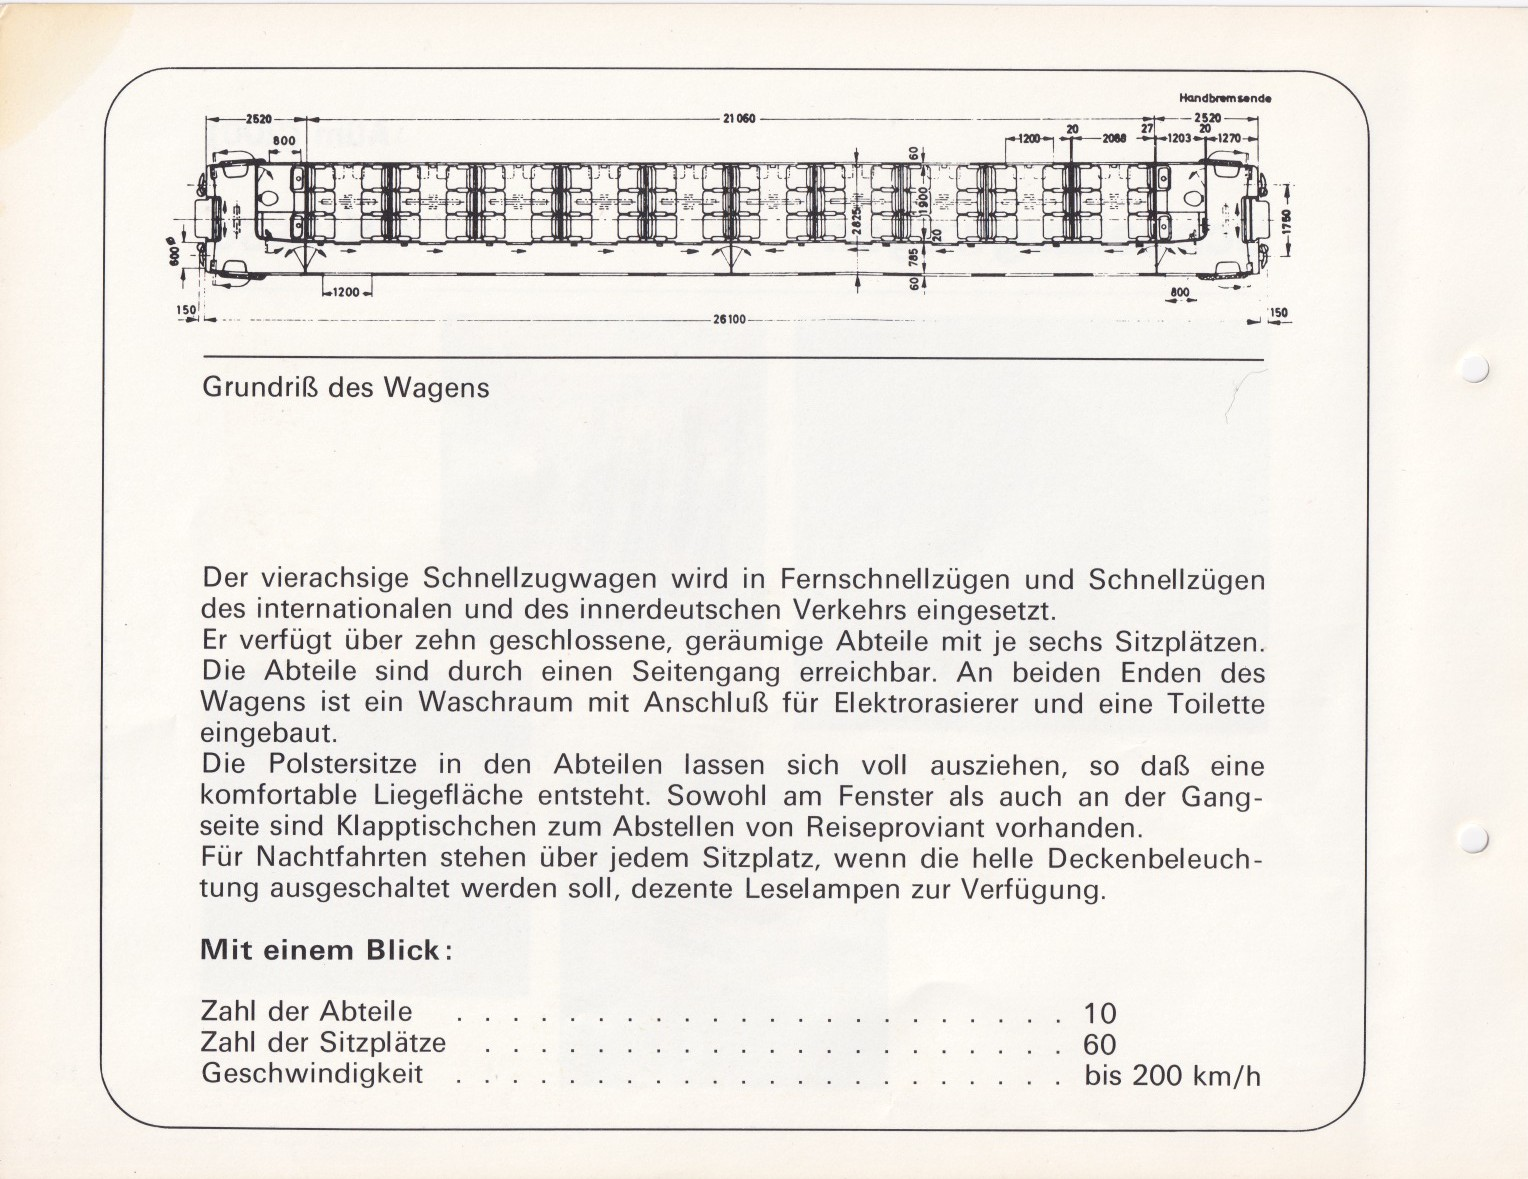 https://www.nullclub.de/hifo/Fahrzeuglexikon/Wagen10b.jpg